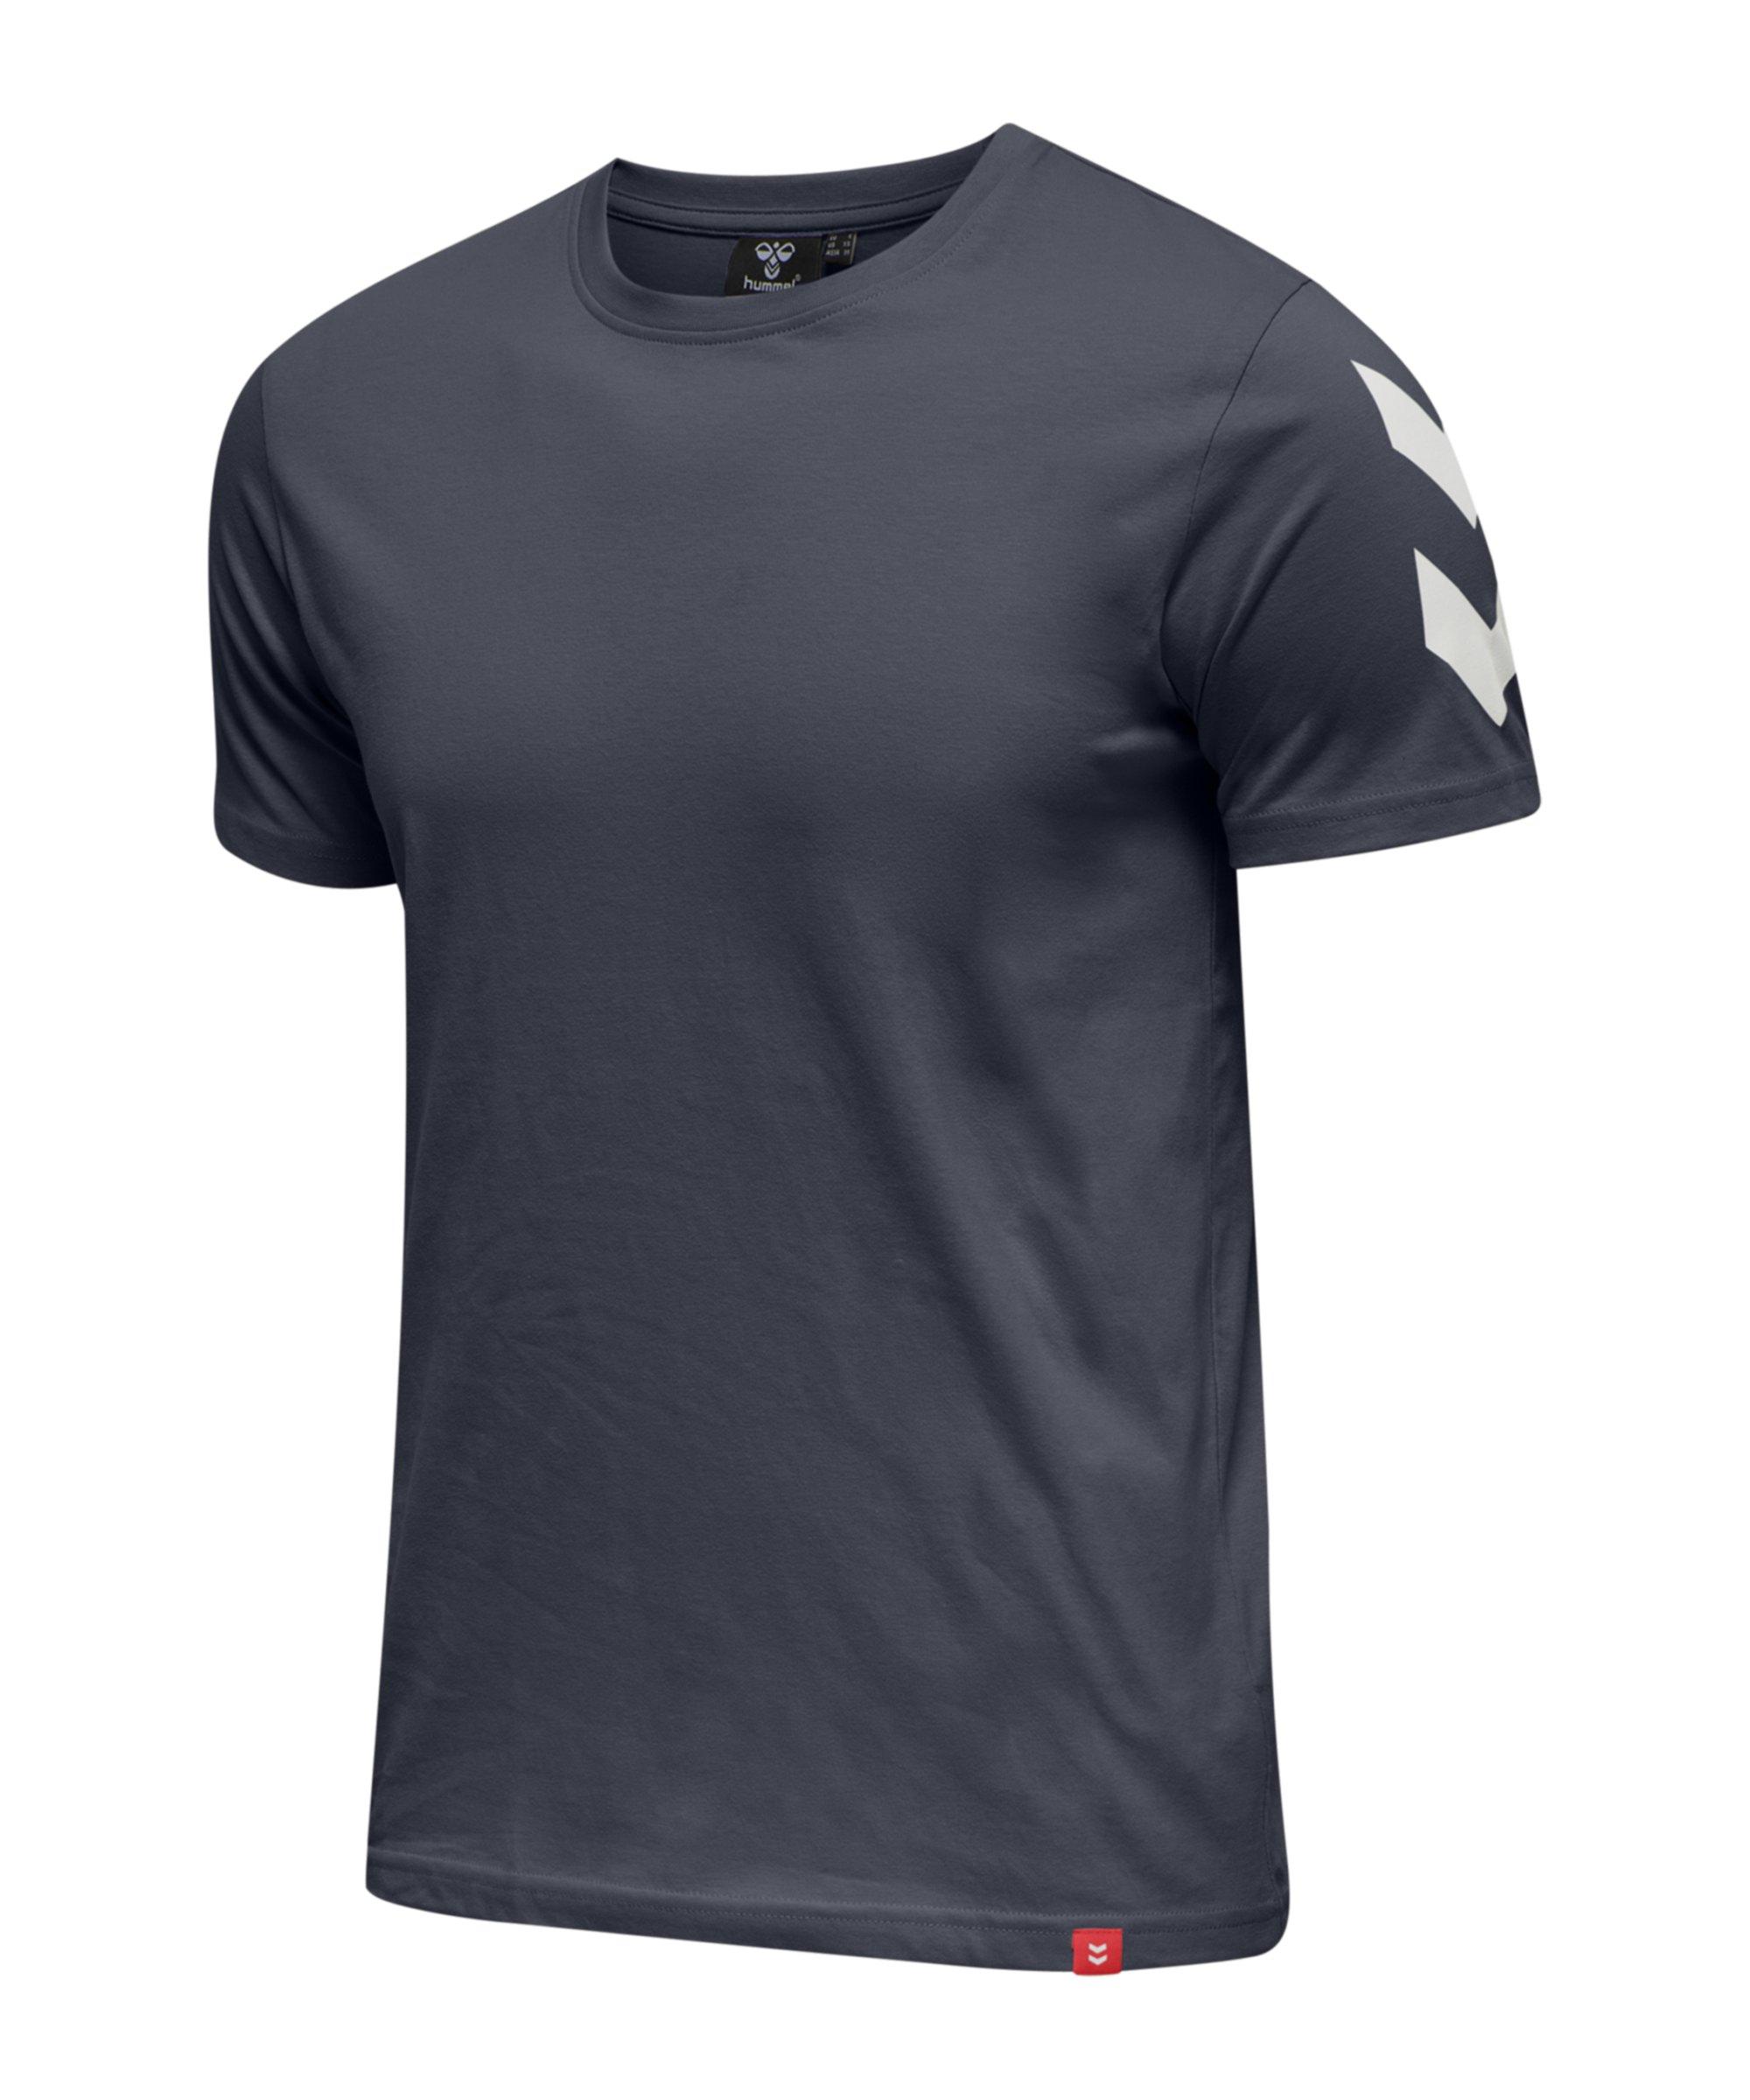 Hummel Legacy Chevron T-Shirt Blau F7429 - blau